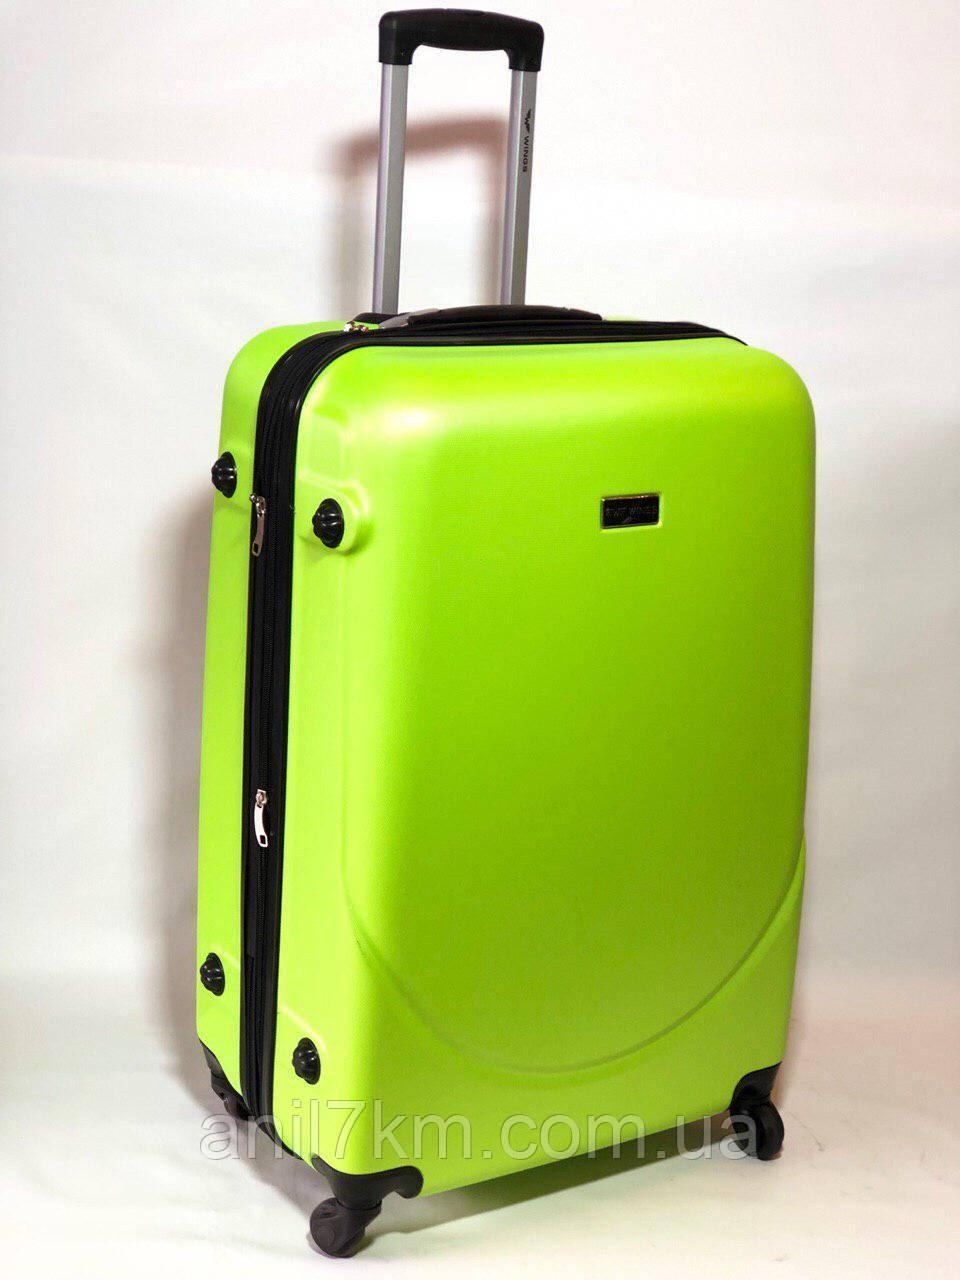 Середній пластиковий чемодан на чотирьох колесах wings